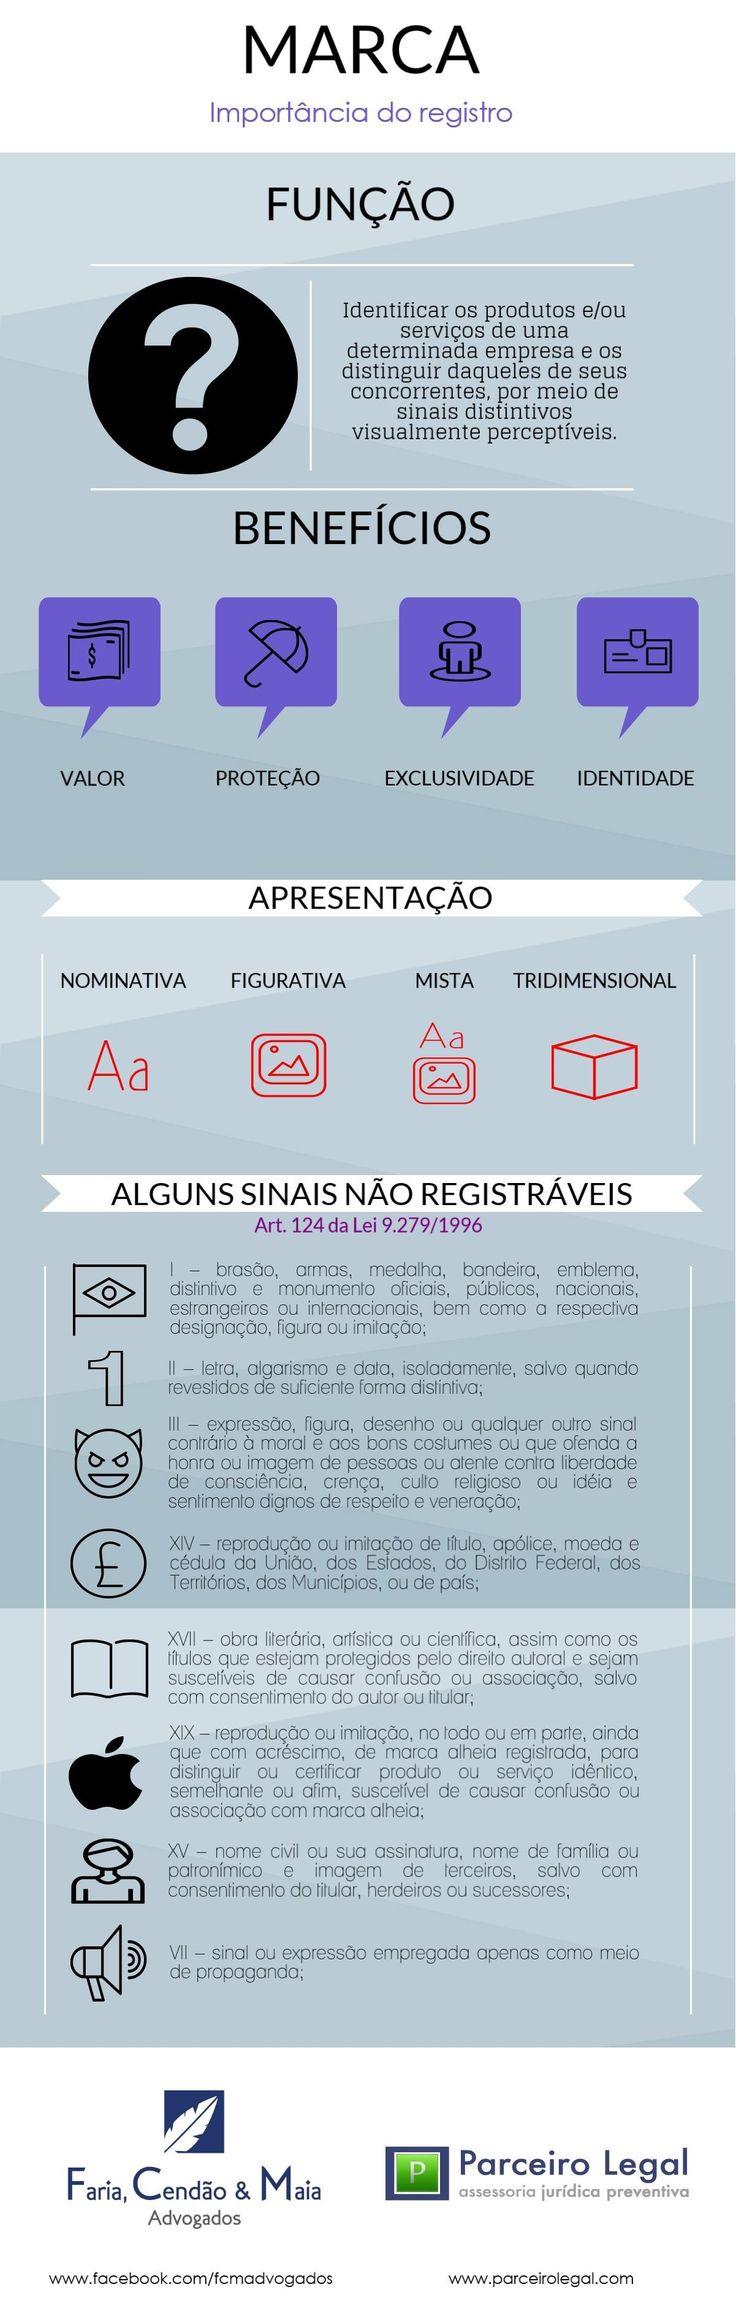 IMPORTÂNCIA DO REGISTRO DE MARCA